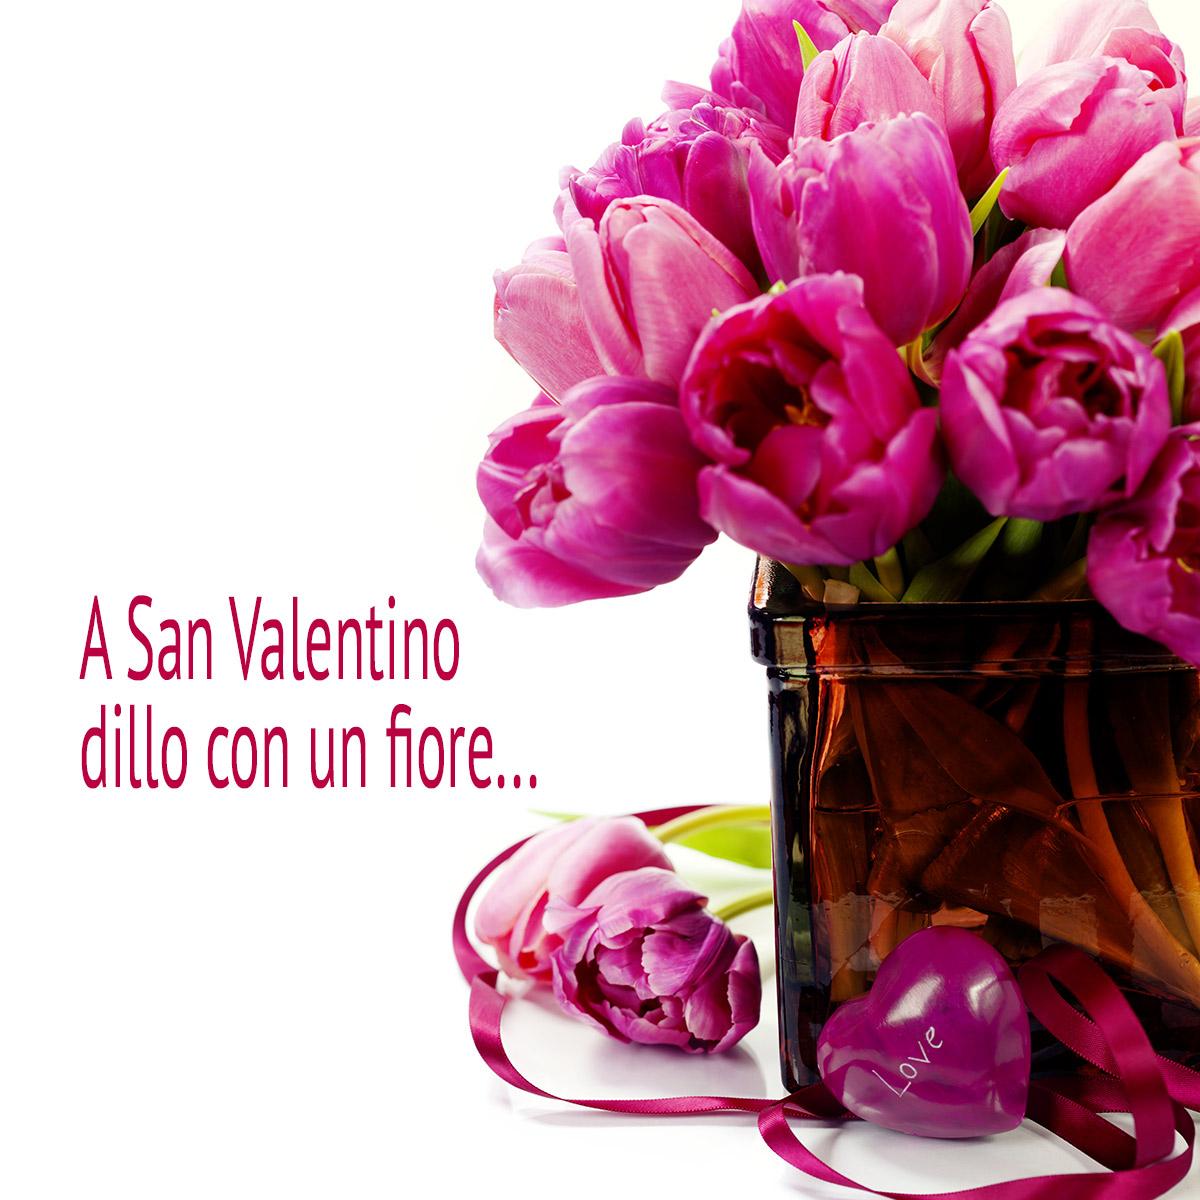 A San Valentino Dillo Con Un Fiore